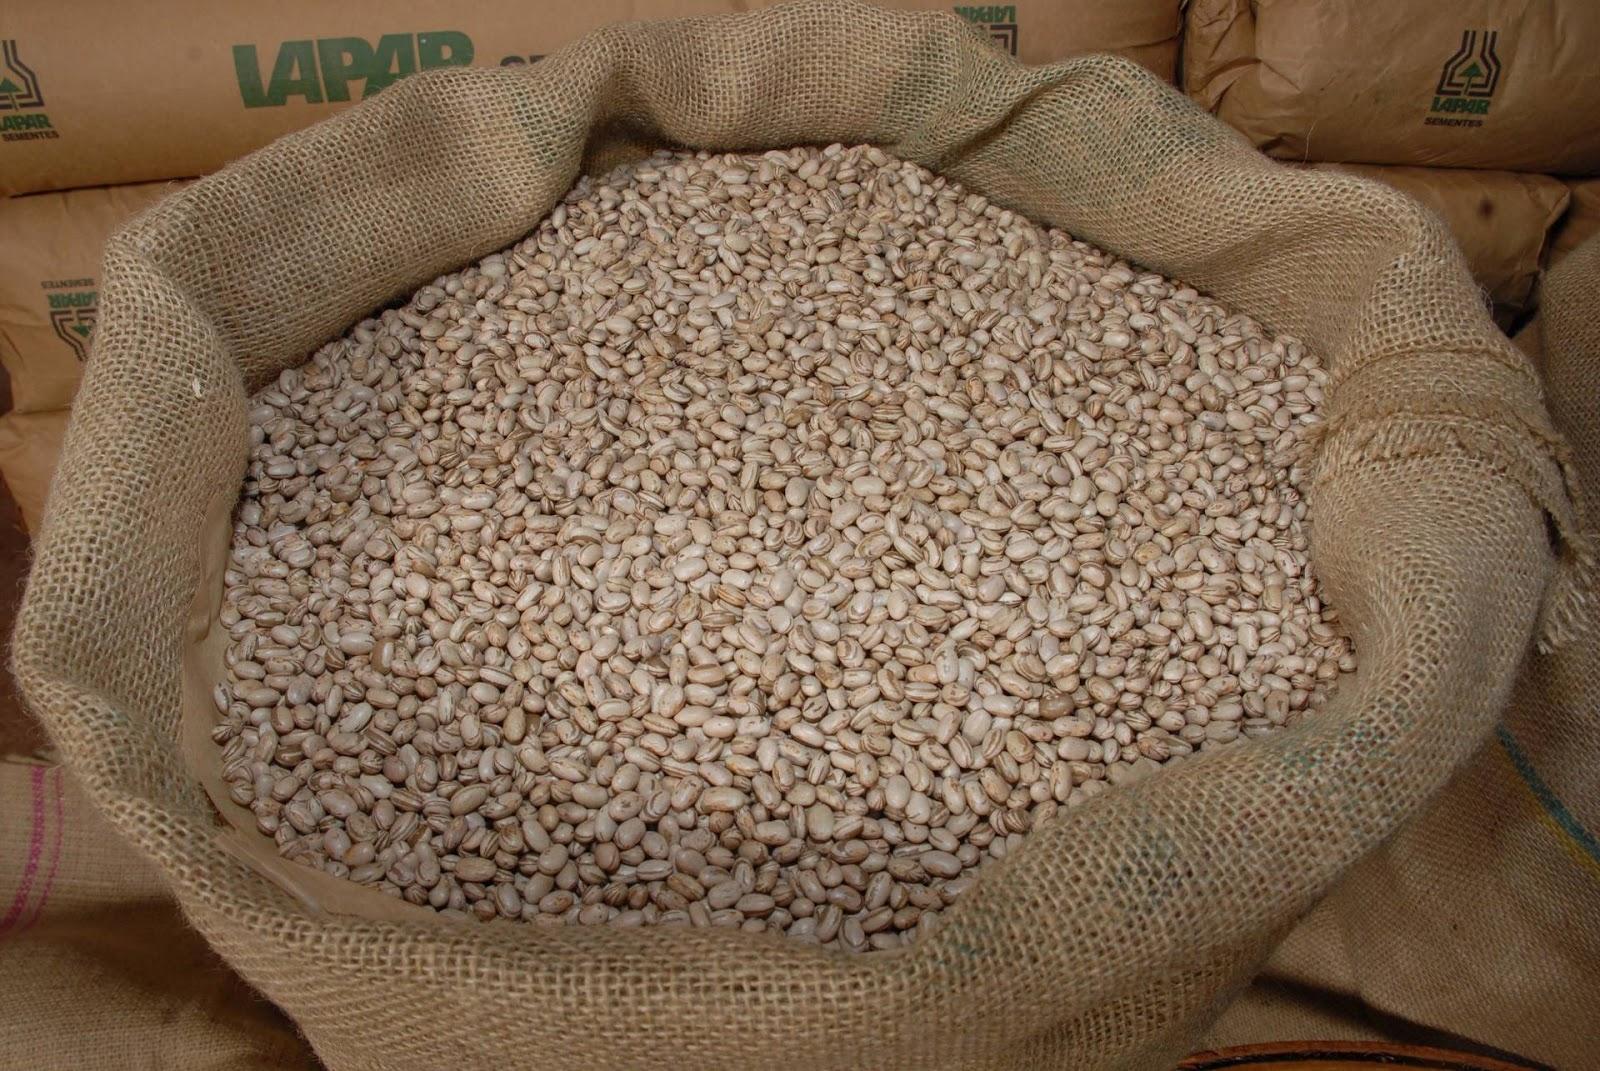 O preço da saca de 60 quilos deve continuar no patamar atual, por conta do equilíbrio entre produção e demanda nacional pelo grão. (Fonte: Agência Estadual de Notícias do Paraná/Reprodução)